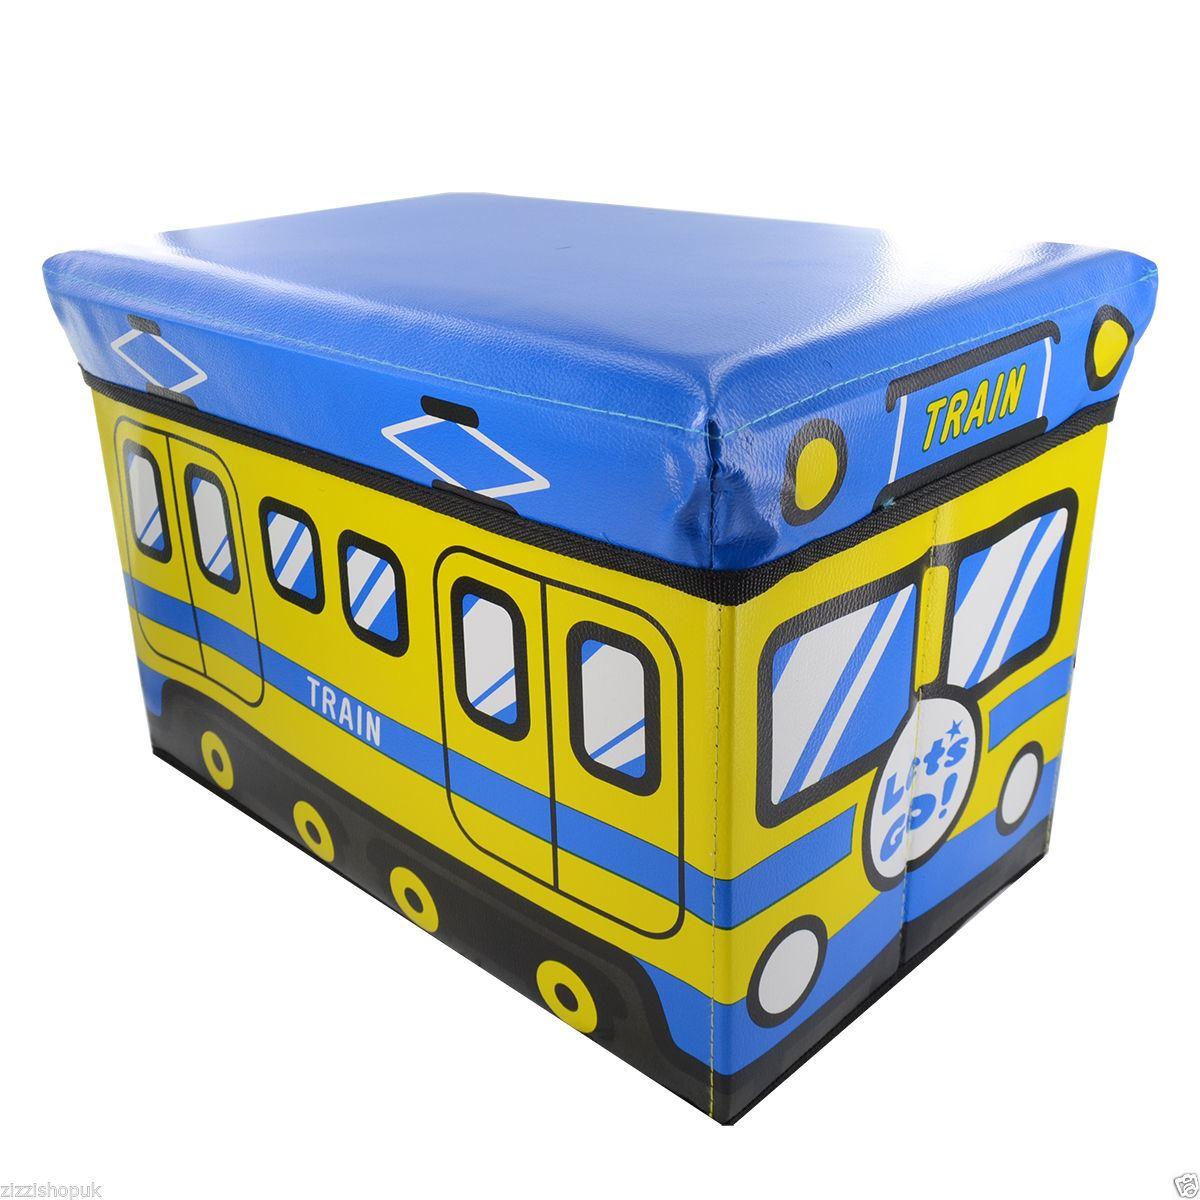 Neu kinder aufbewahrungs box spielzeug truhe sitz hocker